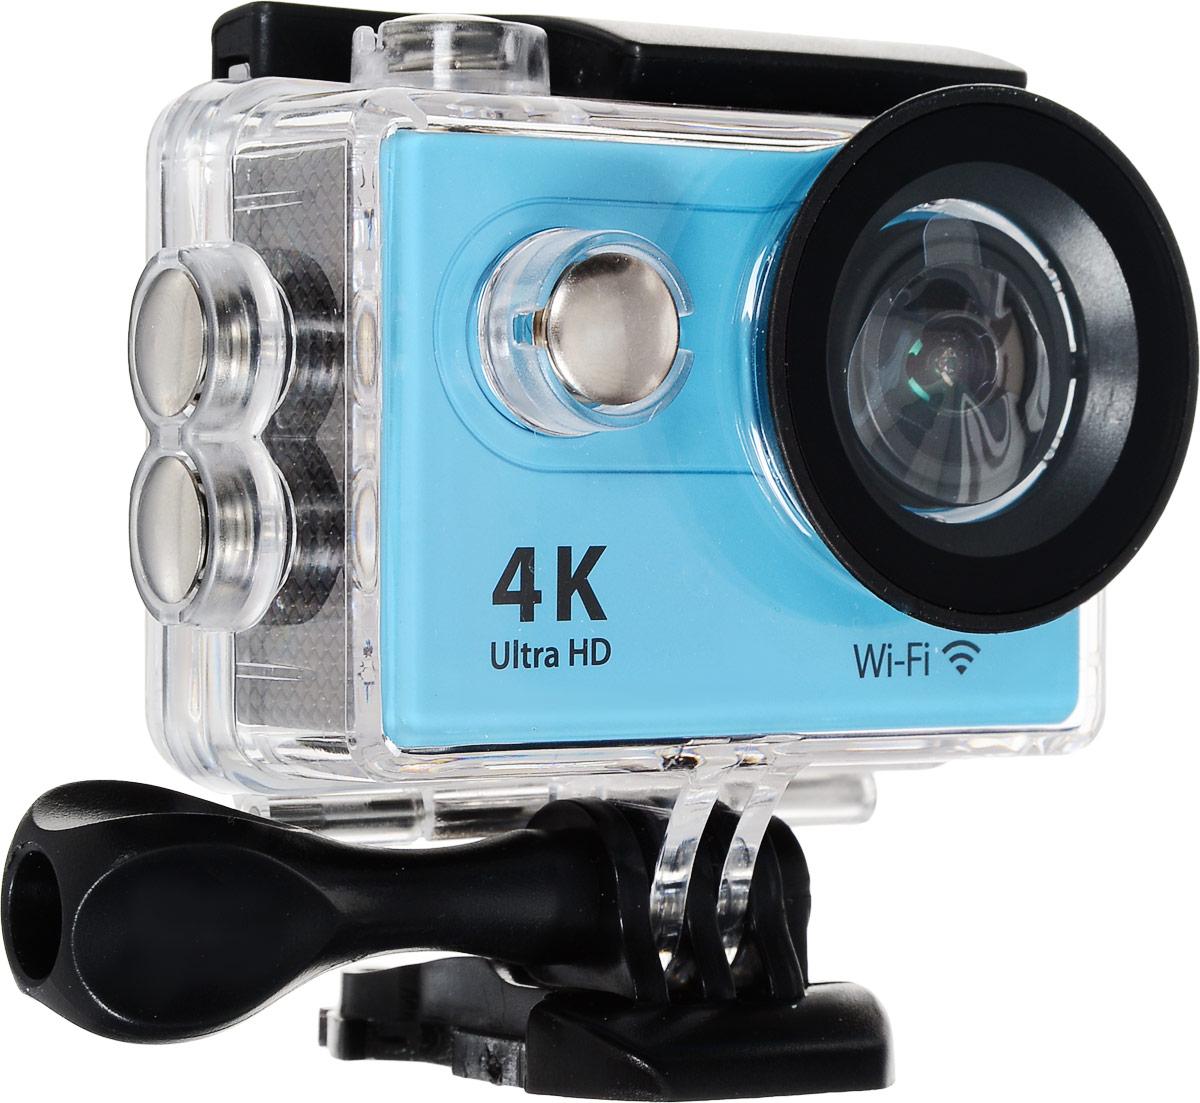 лучшая цена Eken H9 Ultra HD, Blue экшн-камера